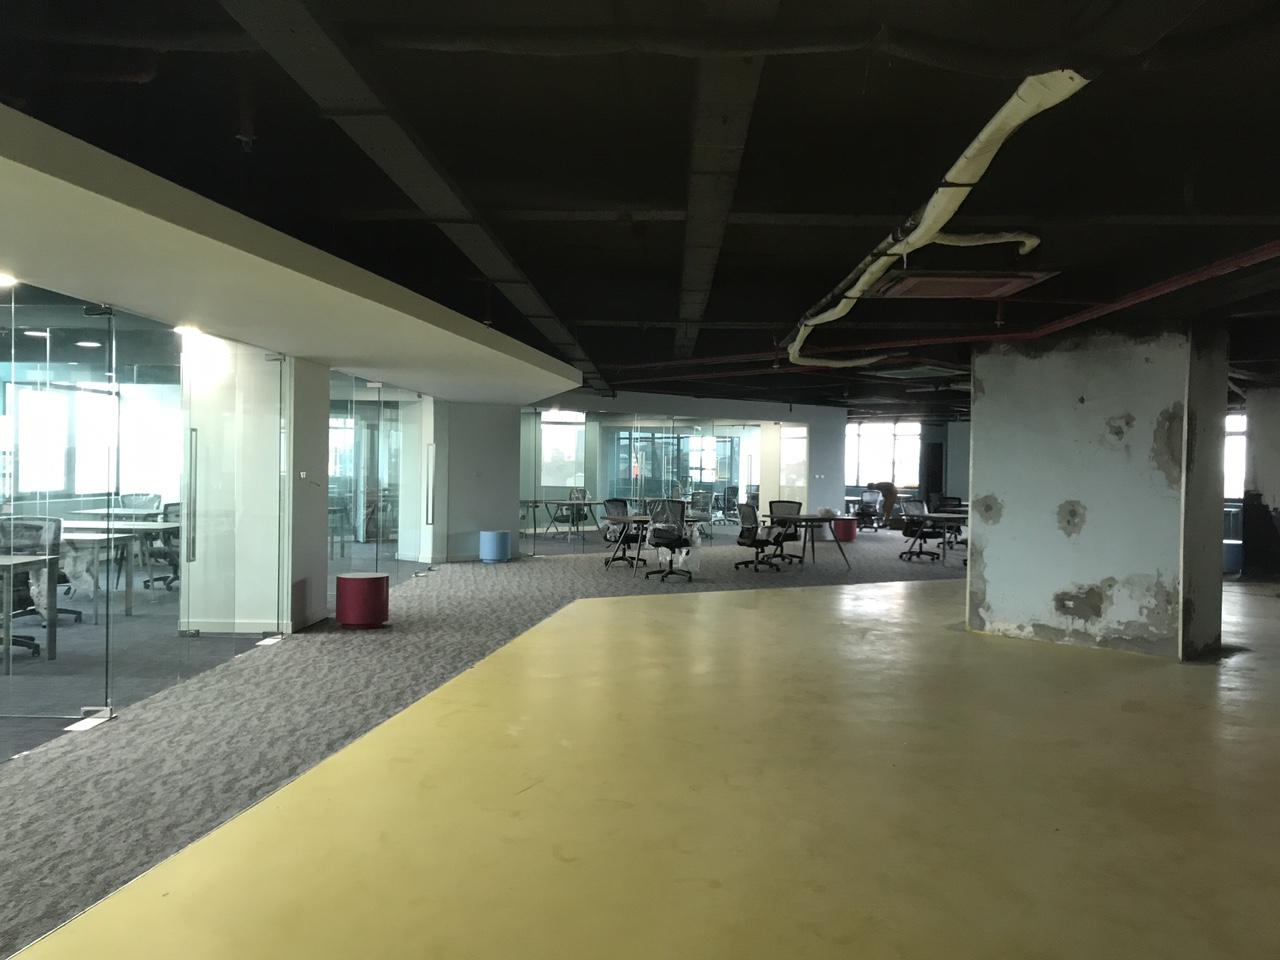 Hoàn thiện thiết kế nội thất văn phòng hạng A đẹp hiện đại